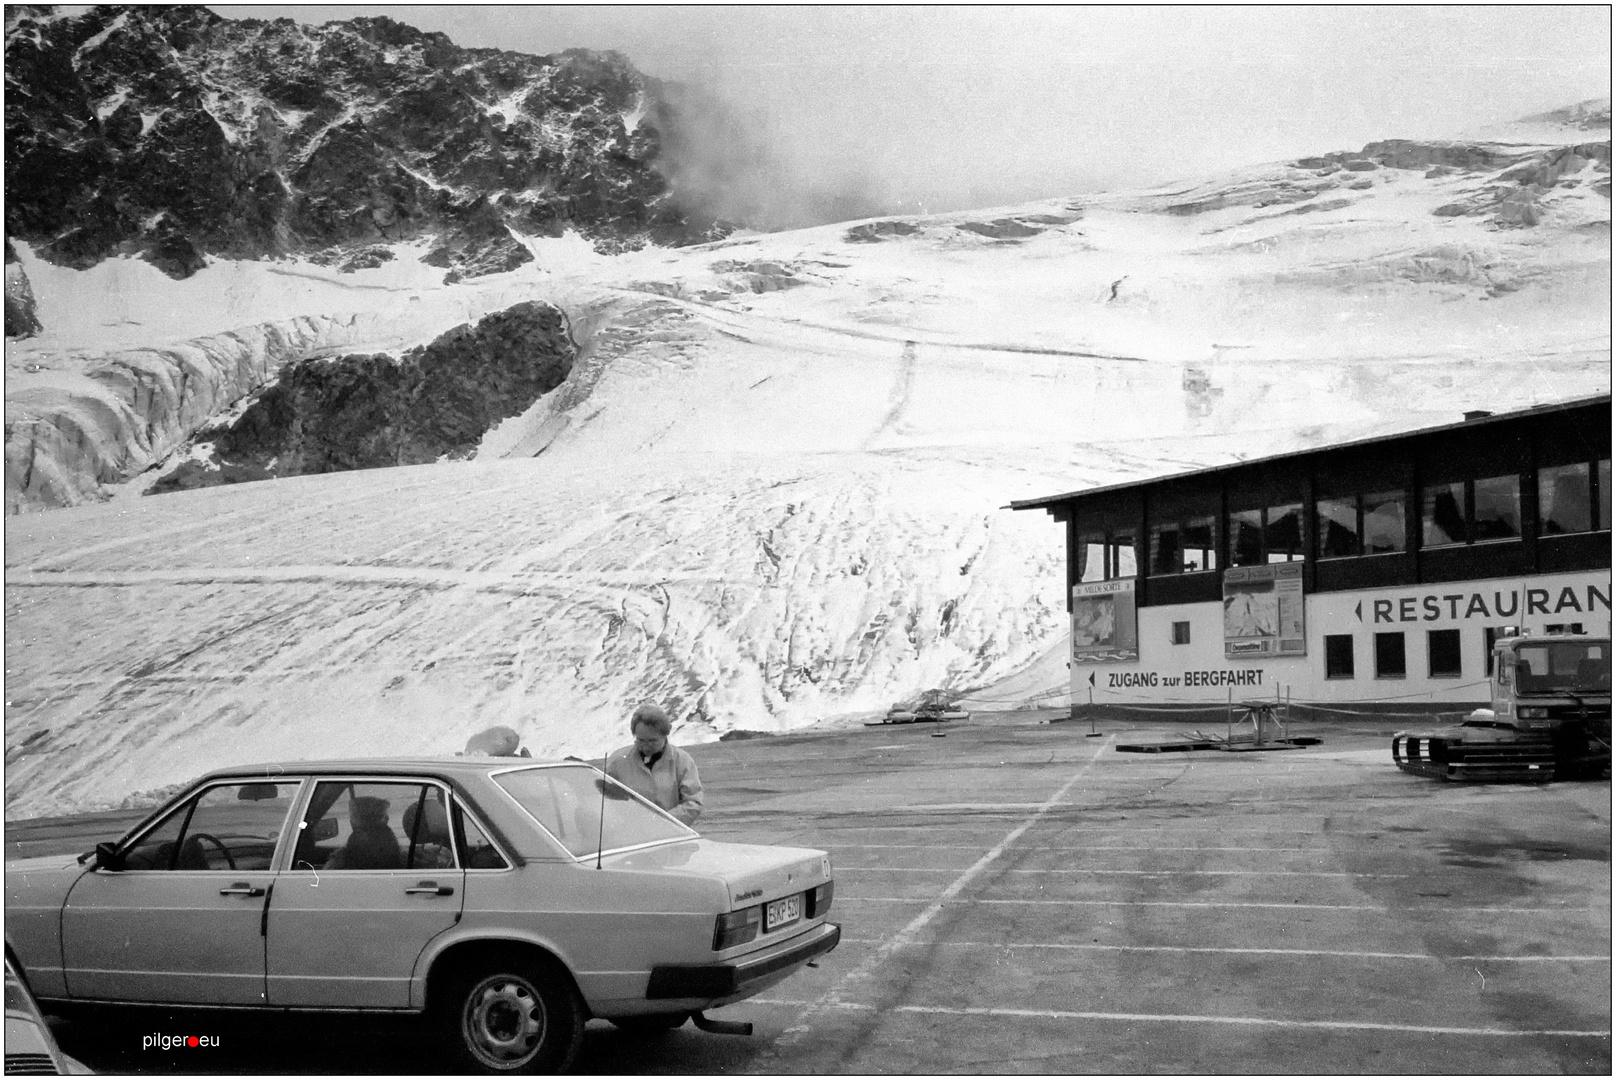 Rettenbachferner Sommer 1986